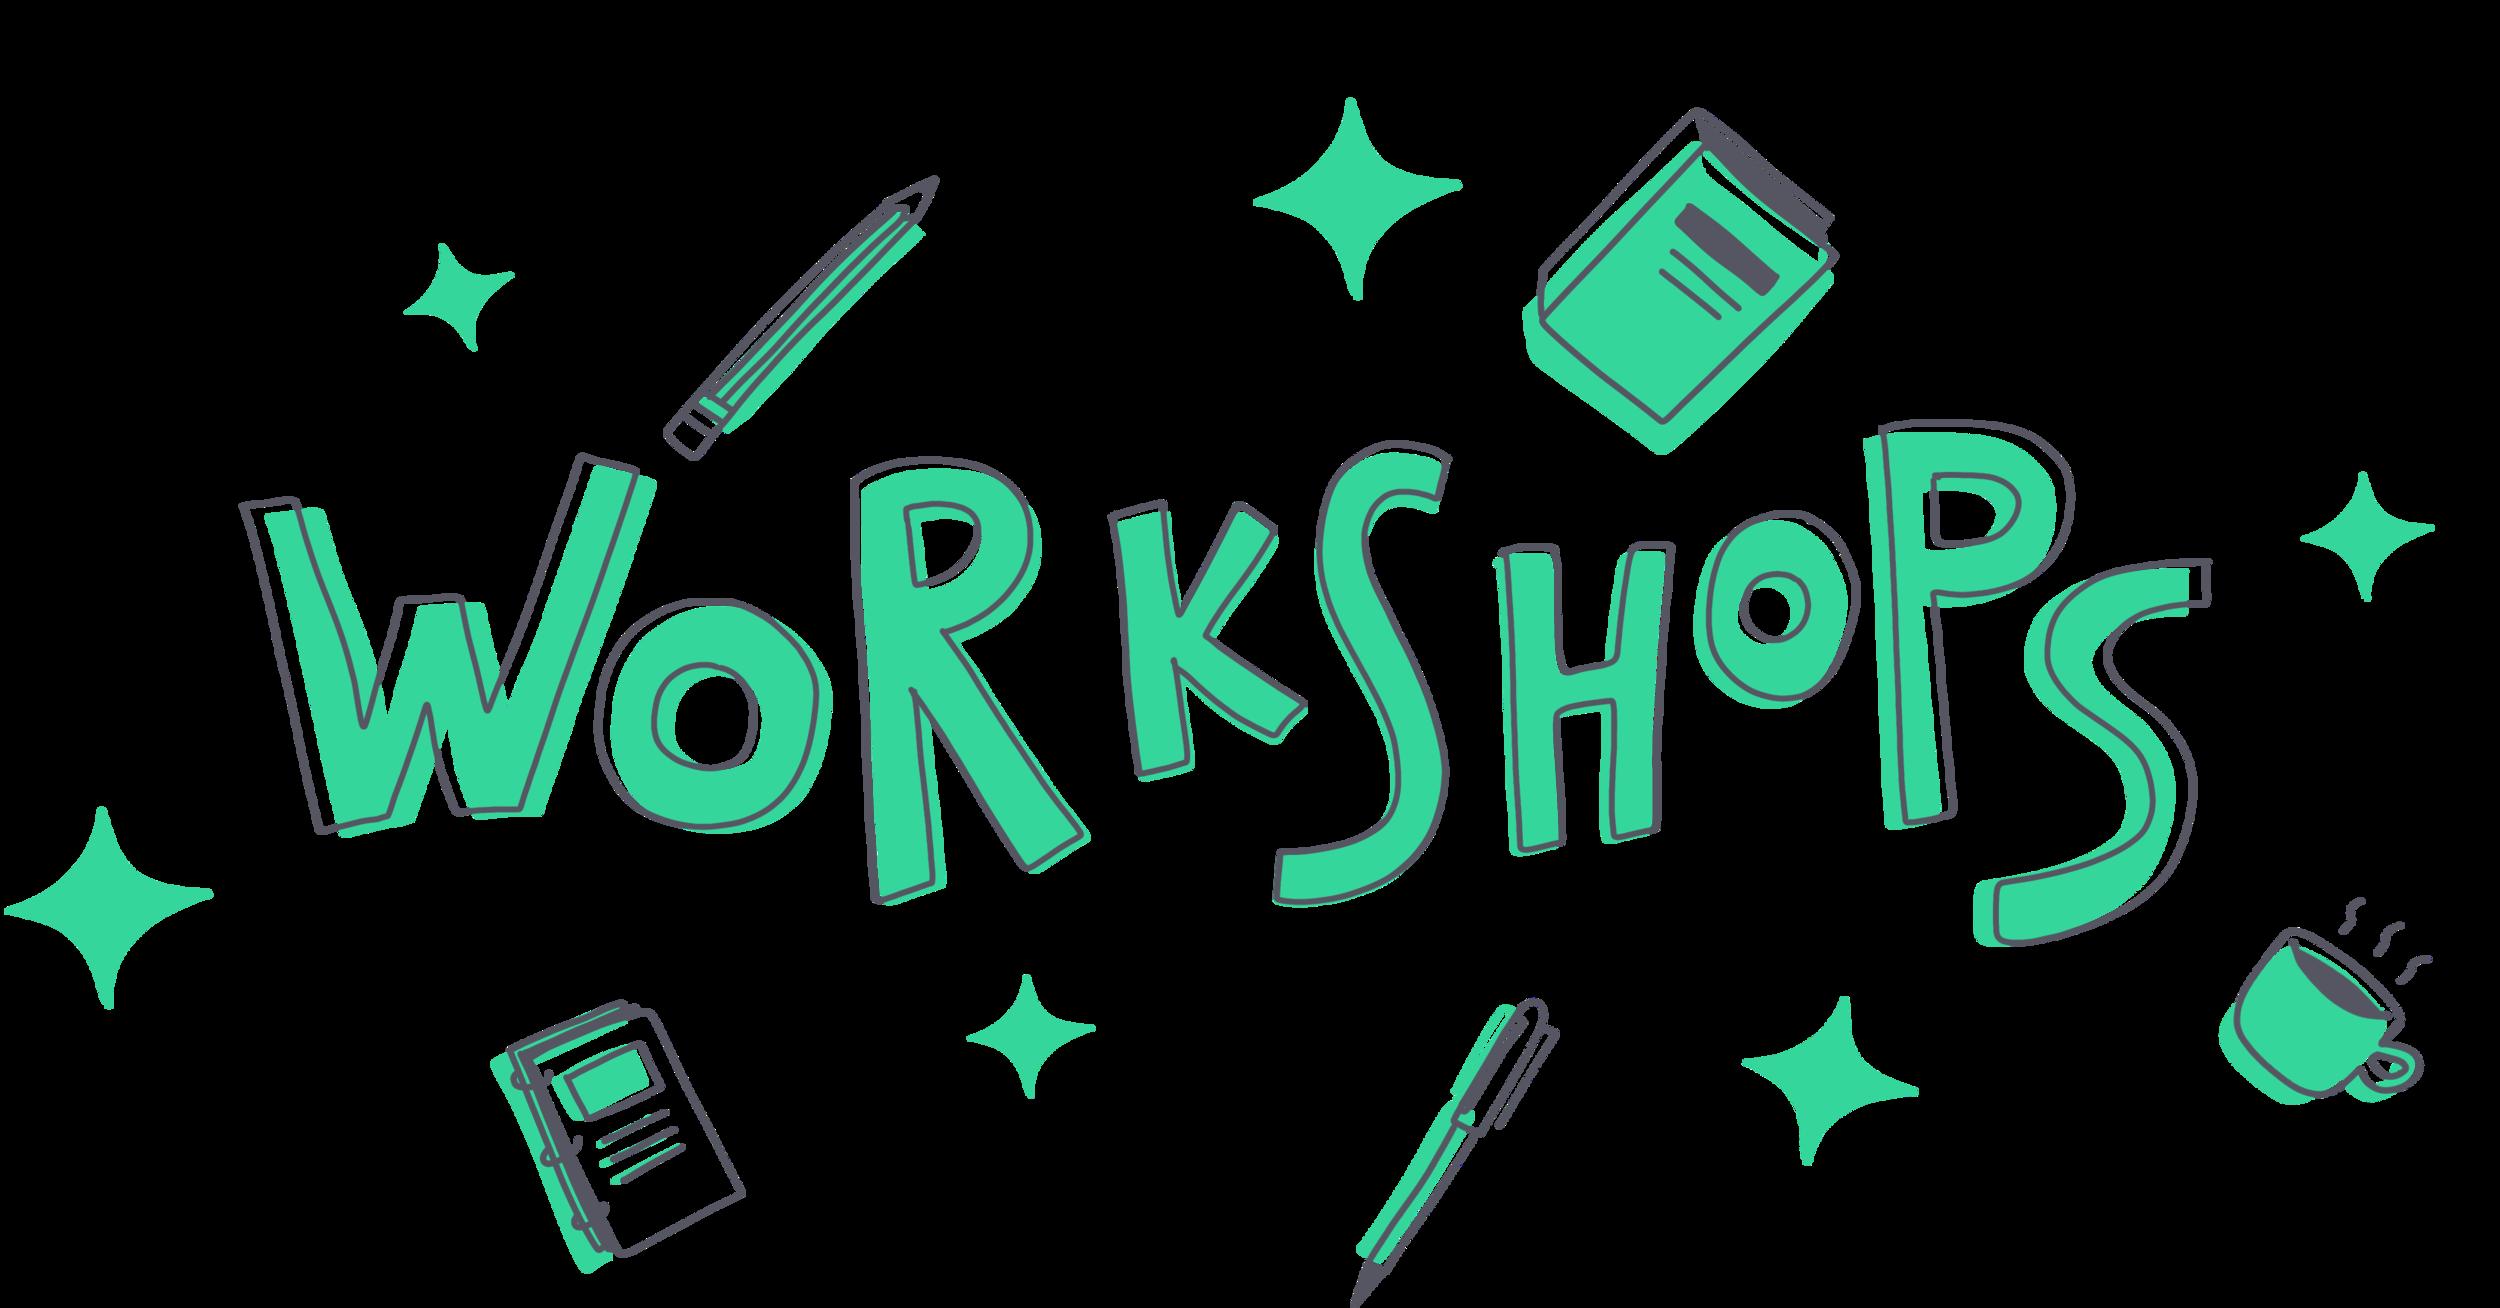 workshops - art.png